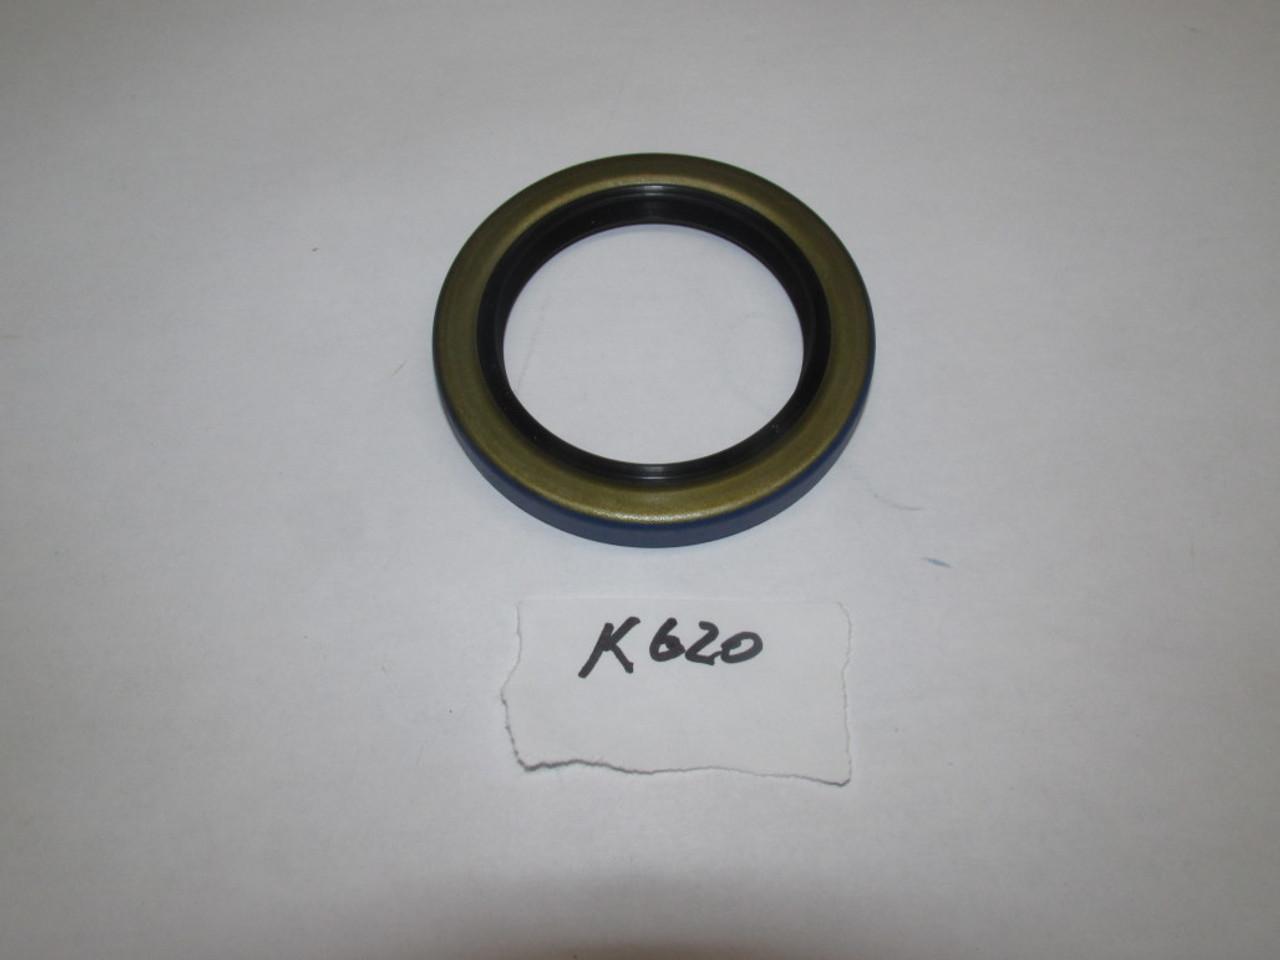 77-880 Top Transmission Shaft Seal (K620)